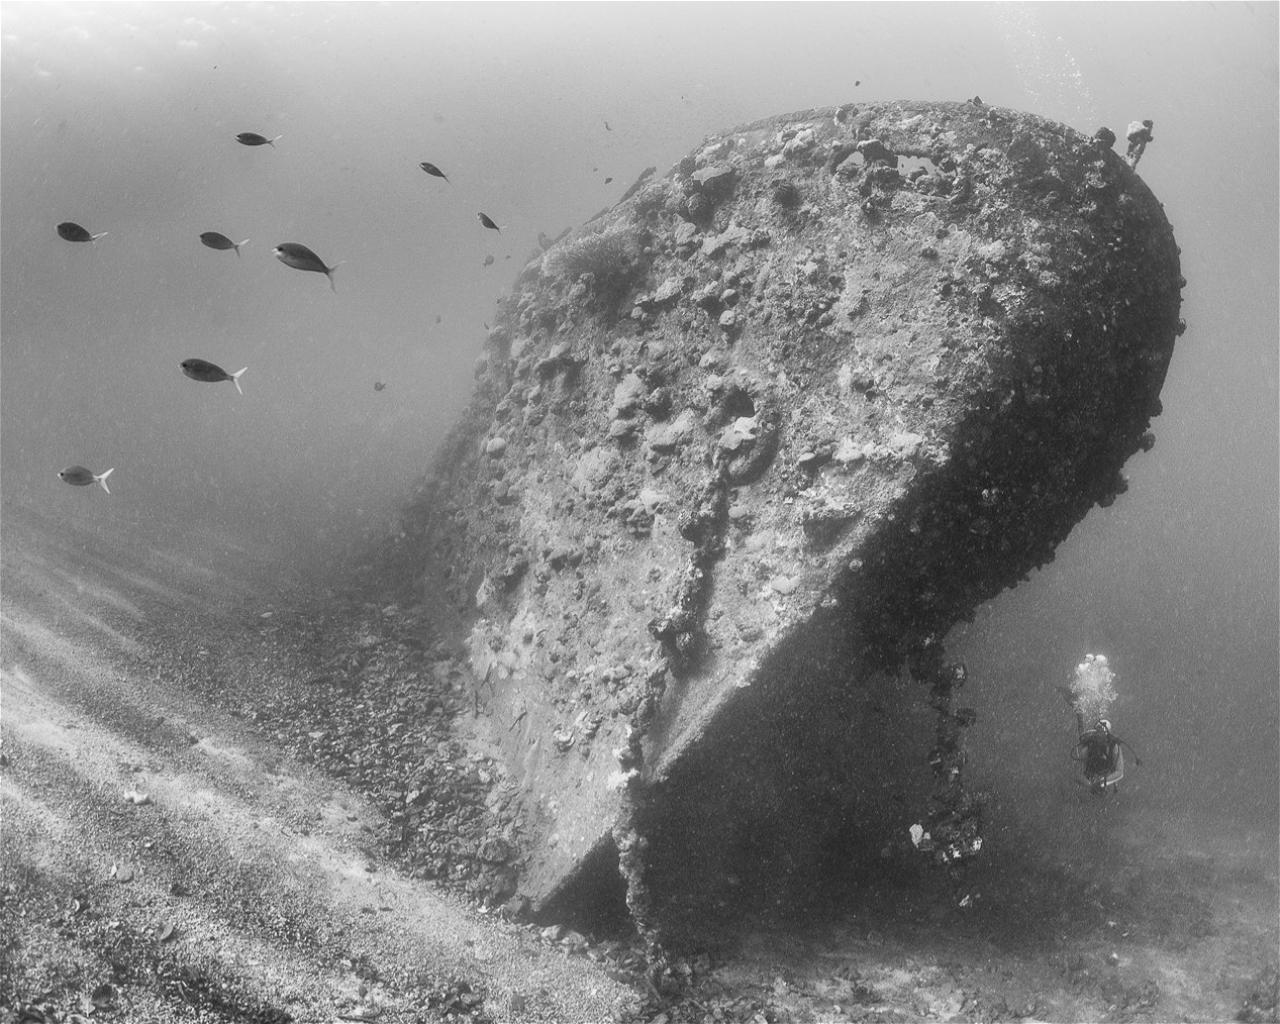 Kashi Maru (Wreck)